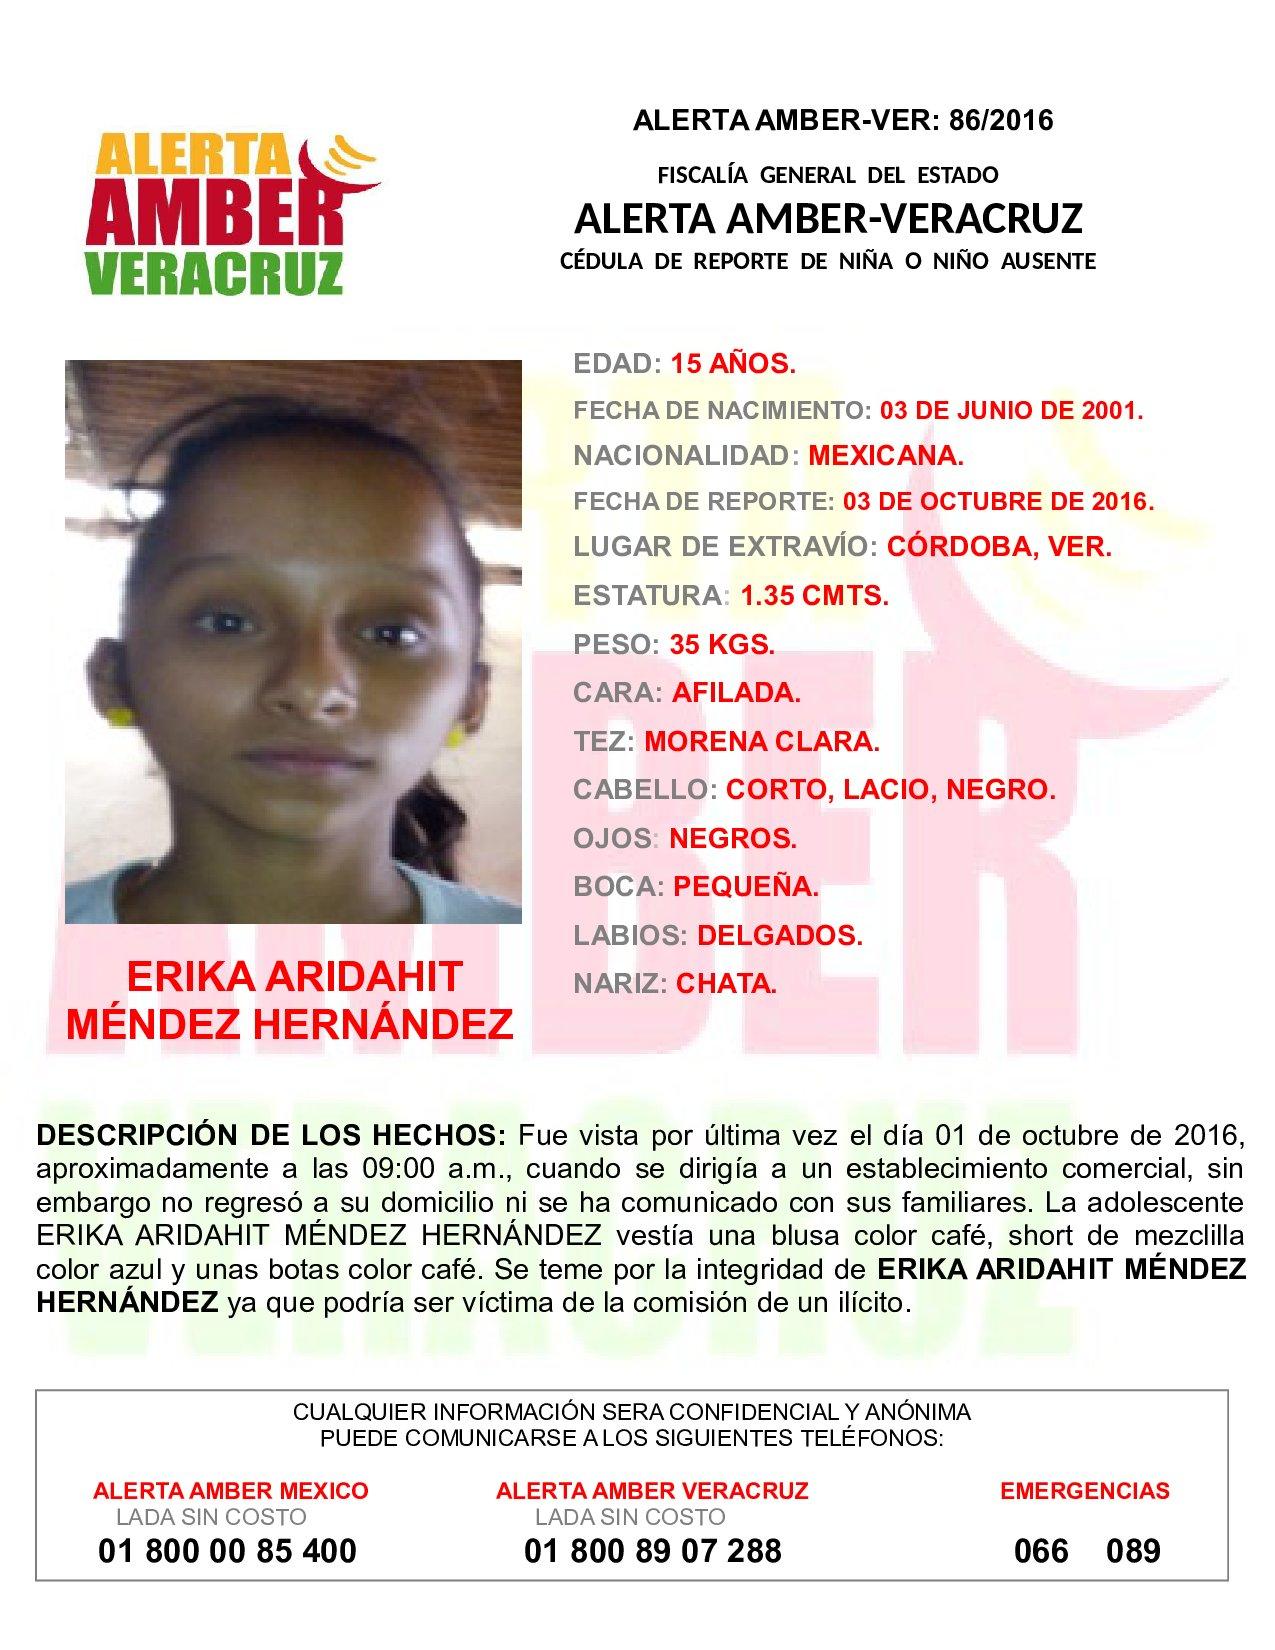 Activan Alerta Amber por desaparición de adolescente en Córdoba